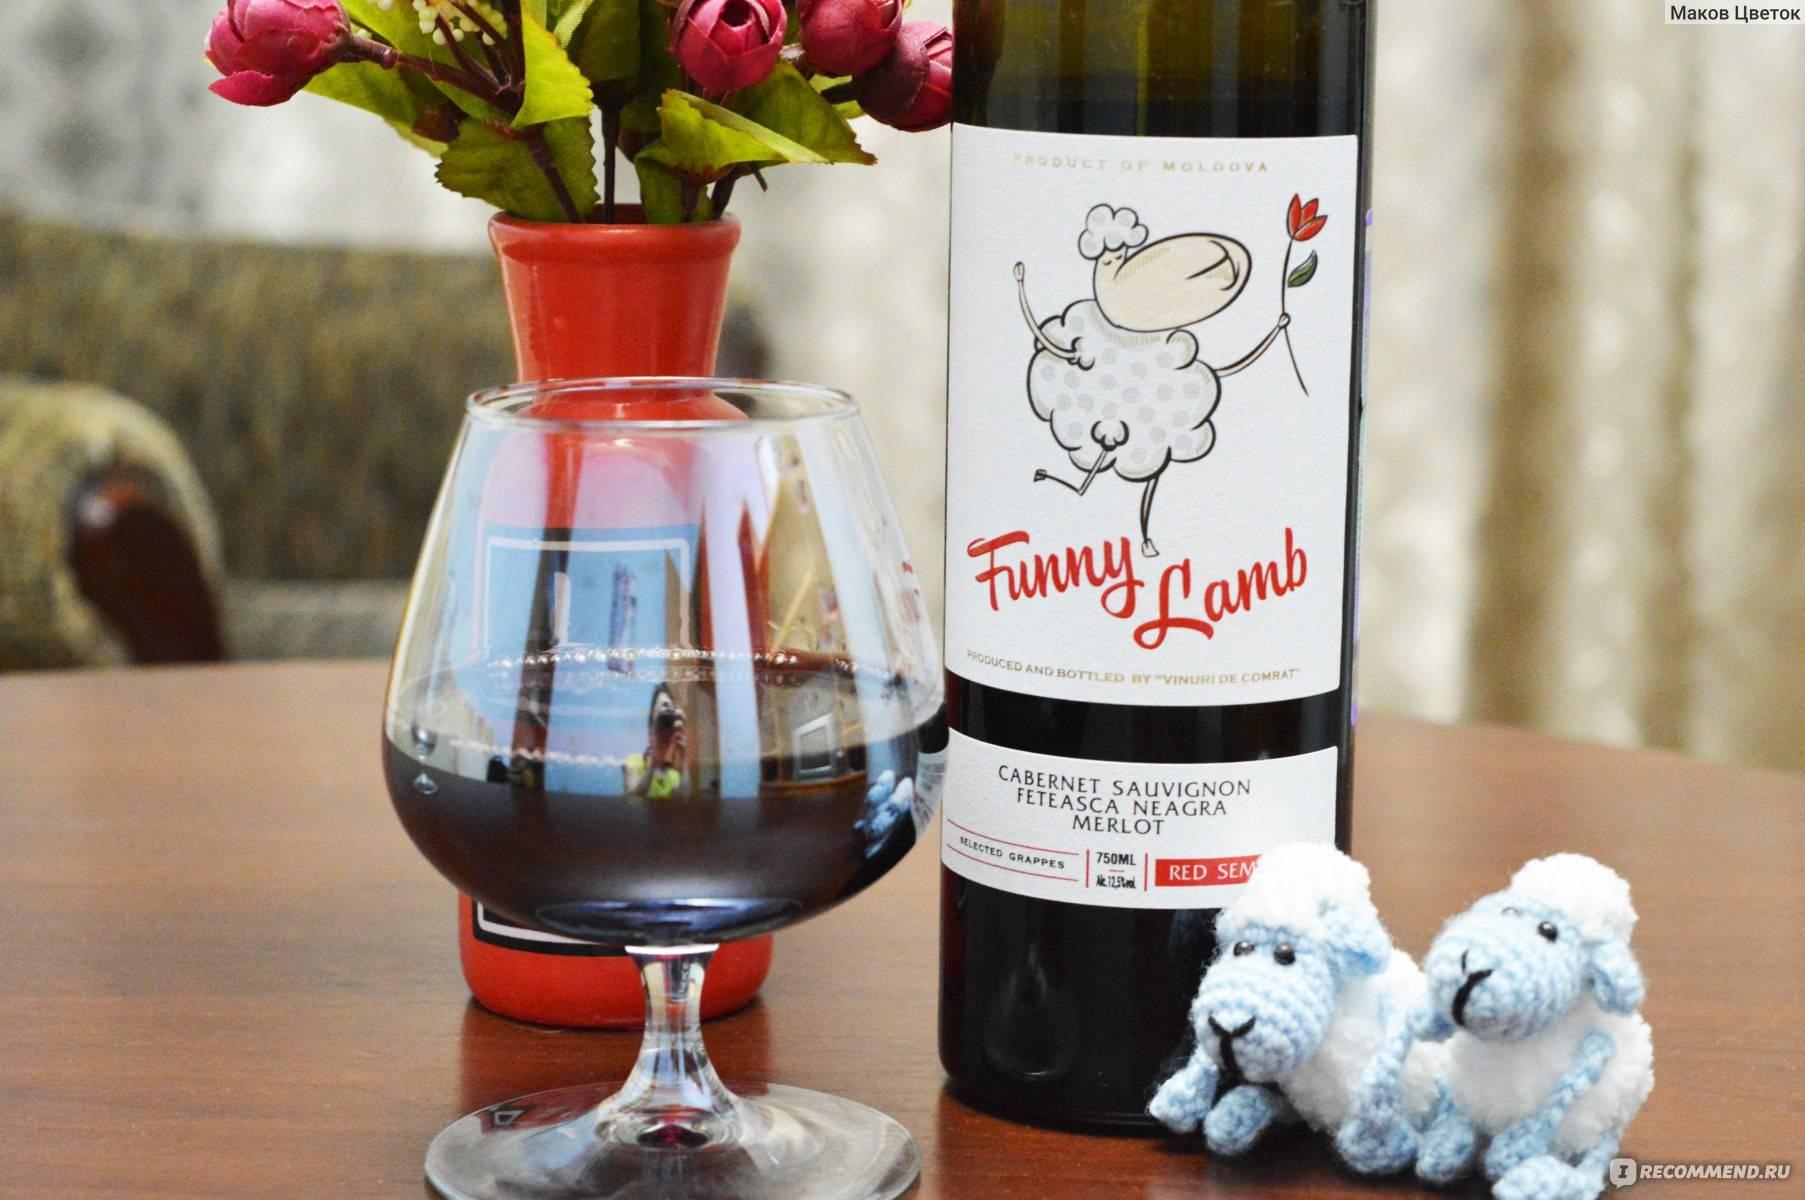 Вино funny lamb: отзывы покупателей